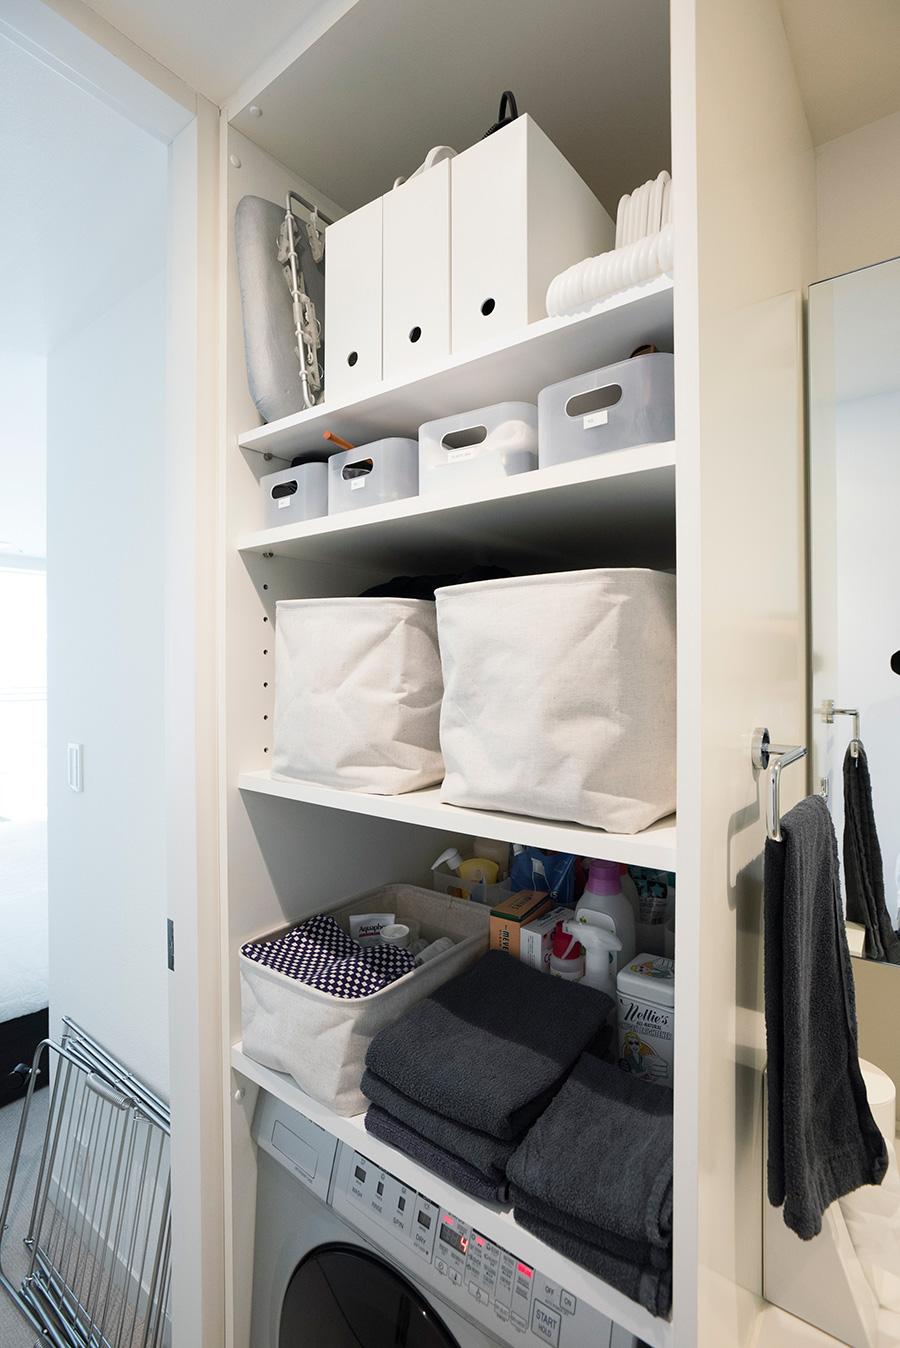 洗面所はボックス収納。上のファイルケースには洗濯まわりのグッズをアイテム別に収めている。